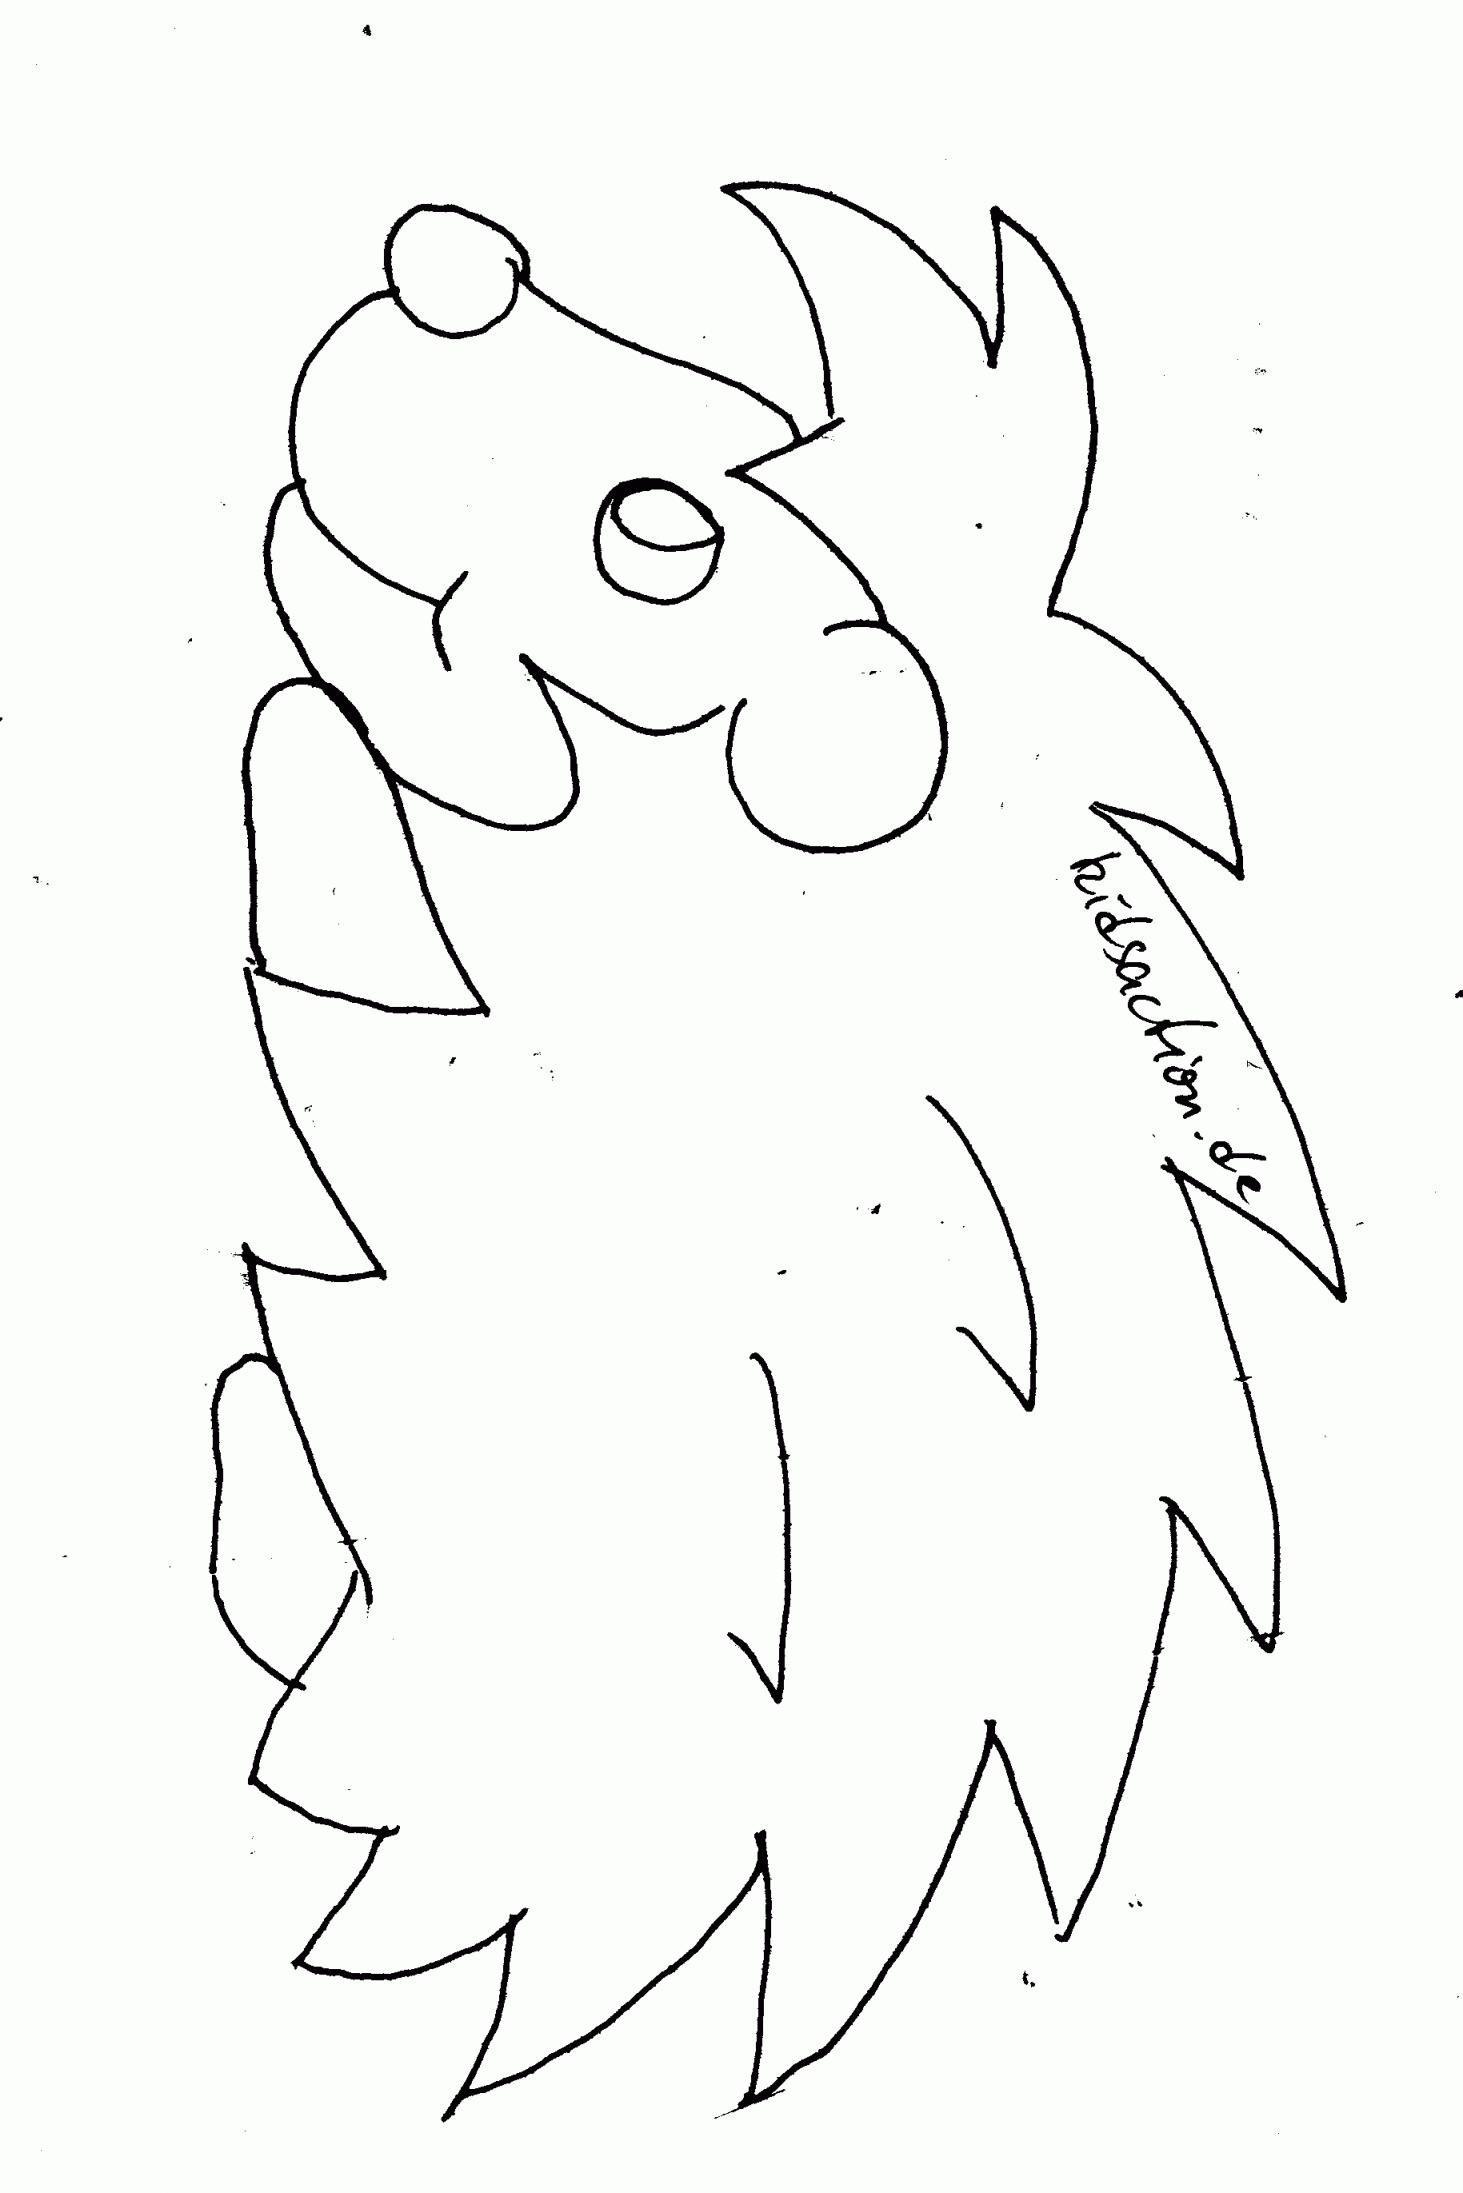 Pokemon sonne Und Mond Ausmalbilder Neu Adler Ausmalbilder Einzigartig Adler Zum Ausmalen Uploadertalk Neu Fotos